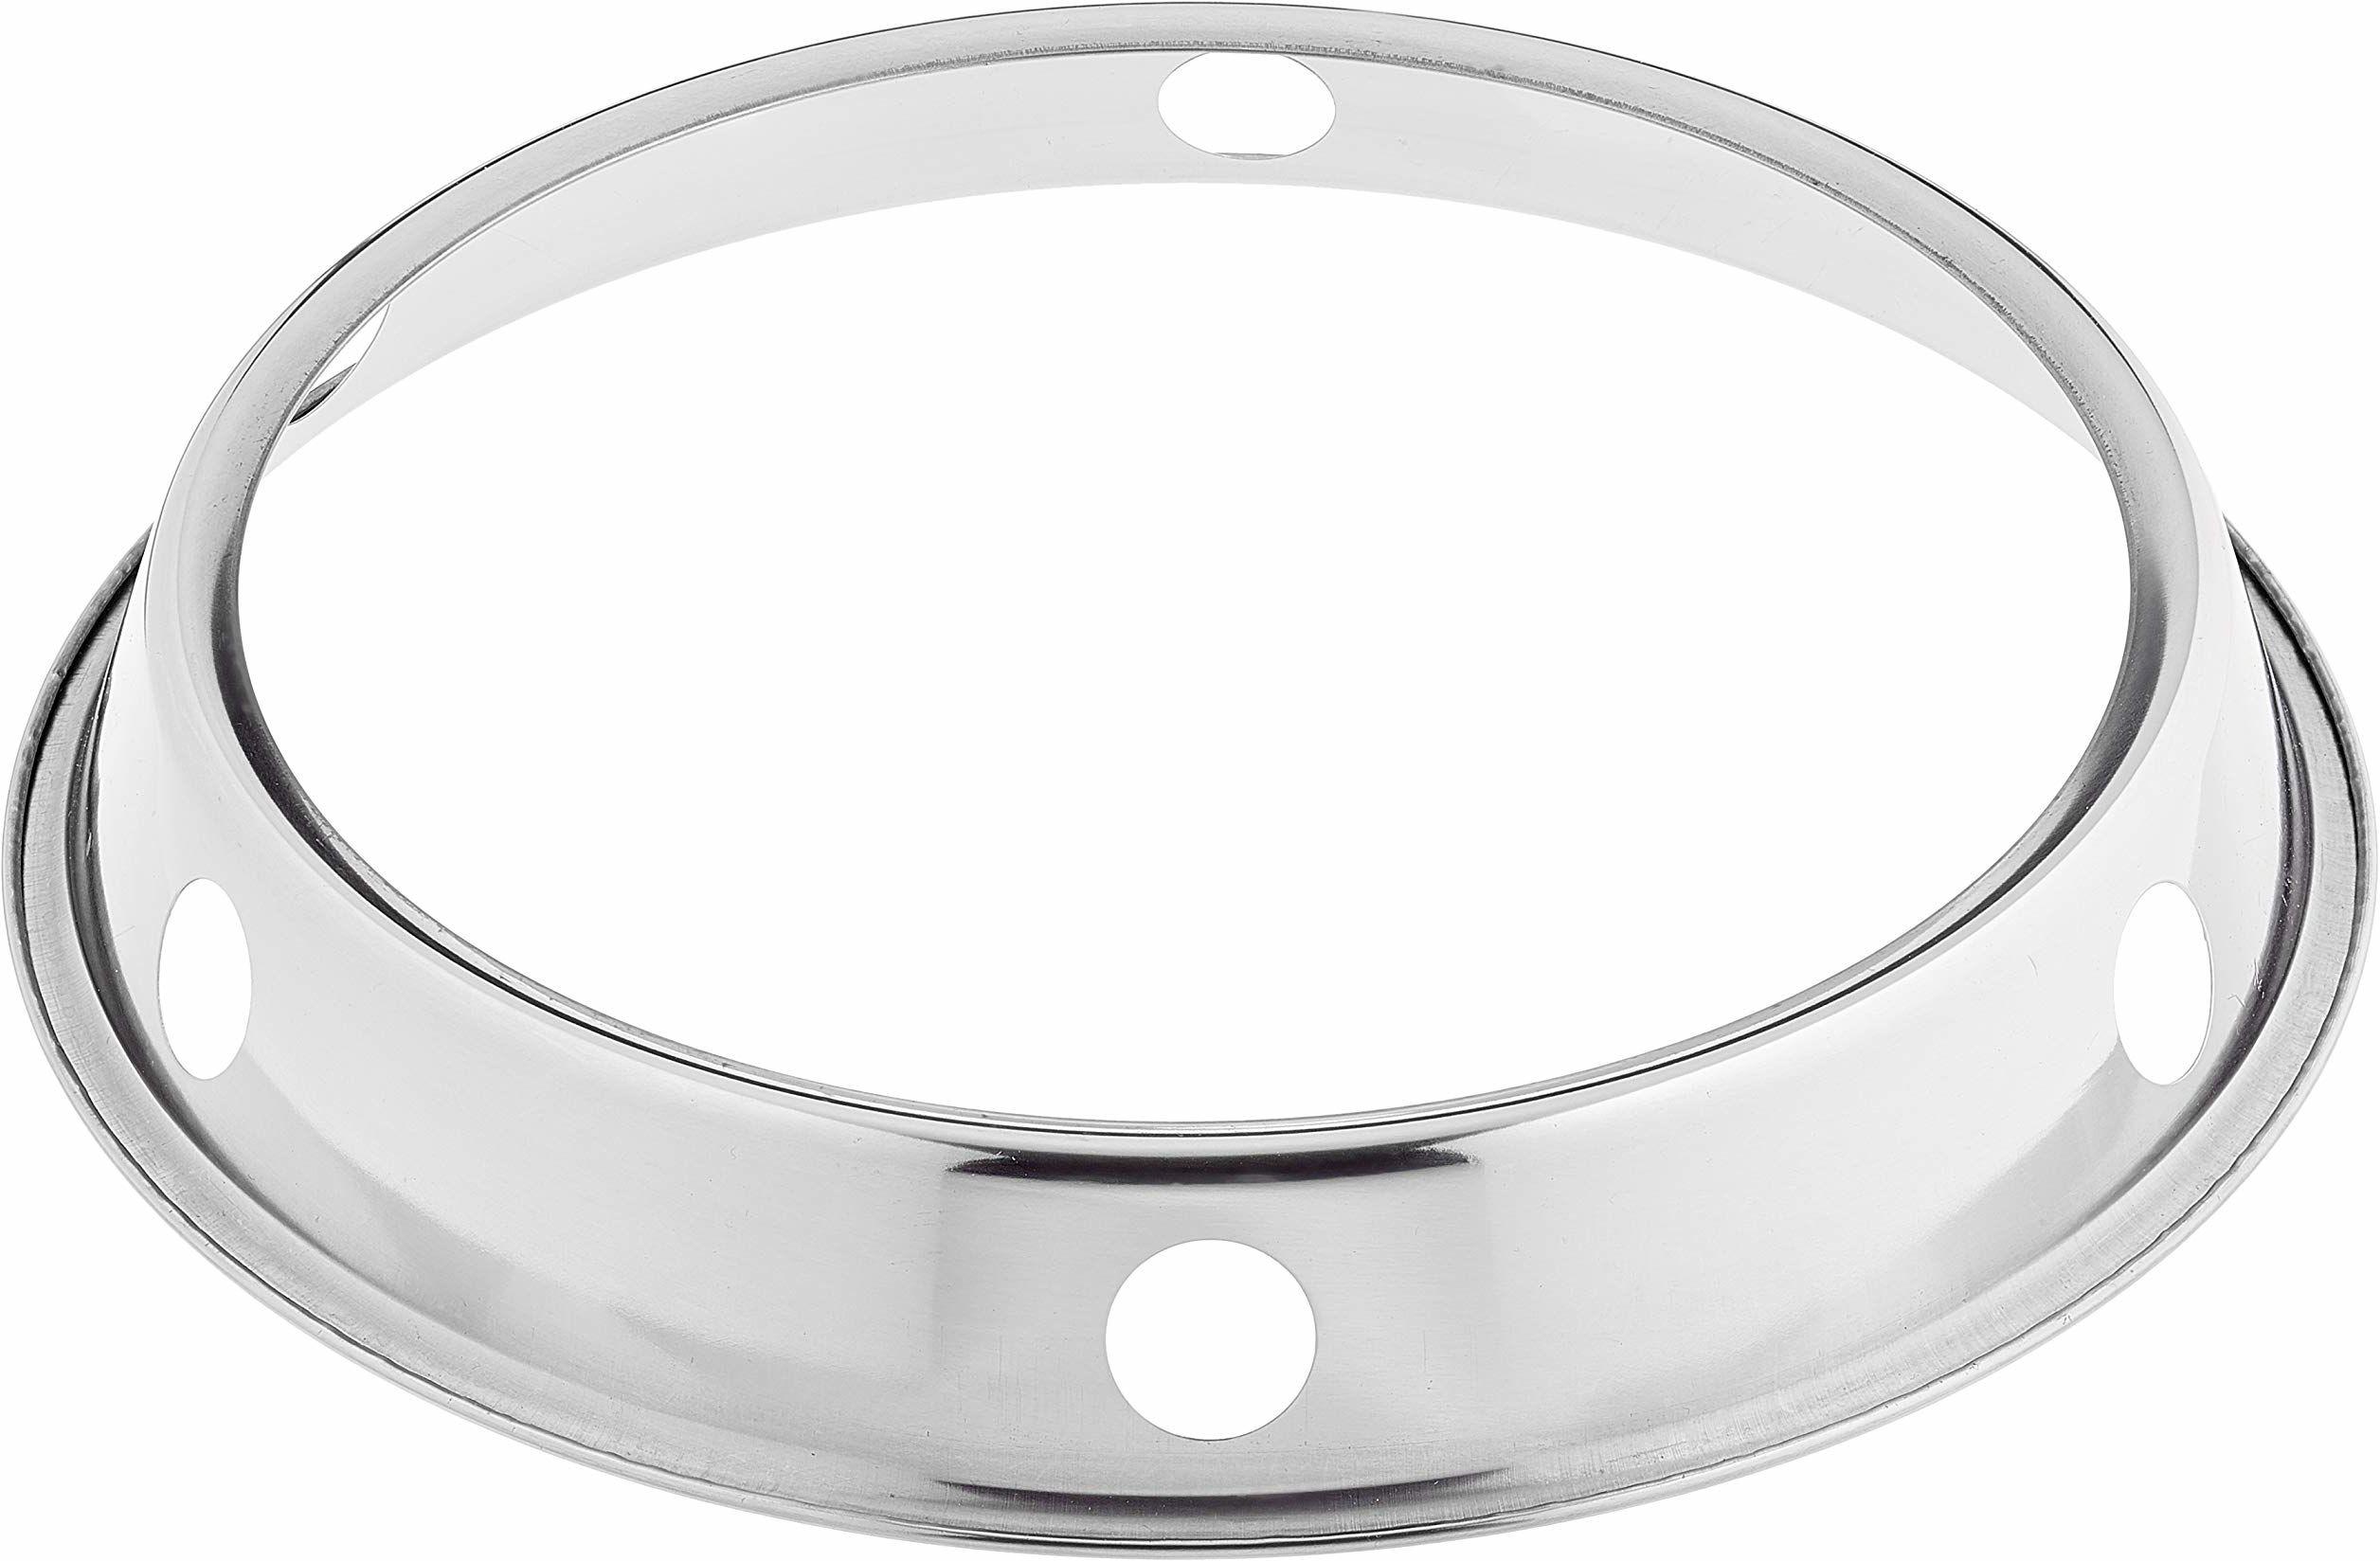 JADE TEMPLE 17065 żelazny uchwyt pierścieniowy do woka, żelazo, srebrny 5 x 25,5 x 25,5 cm